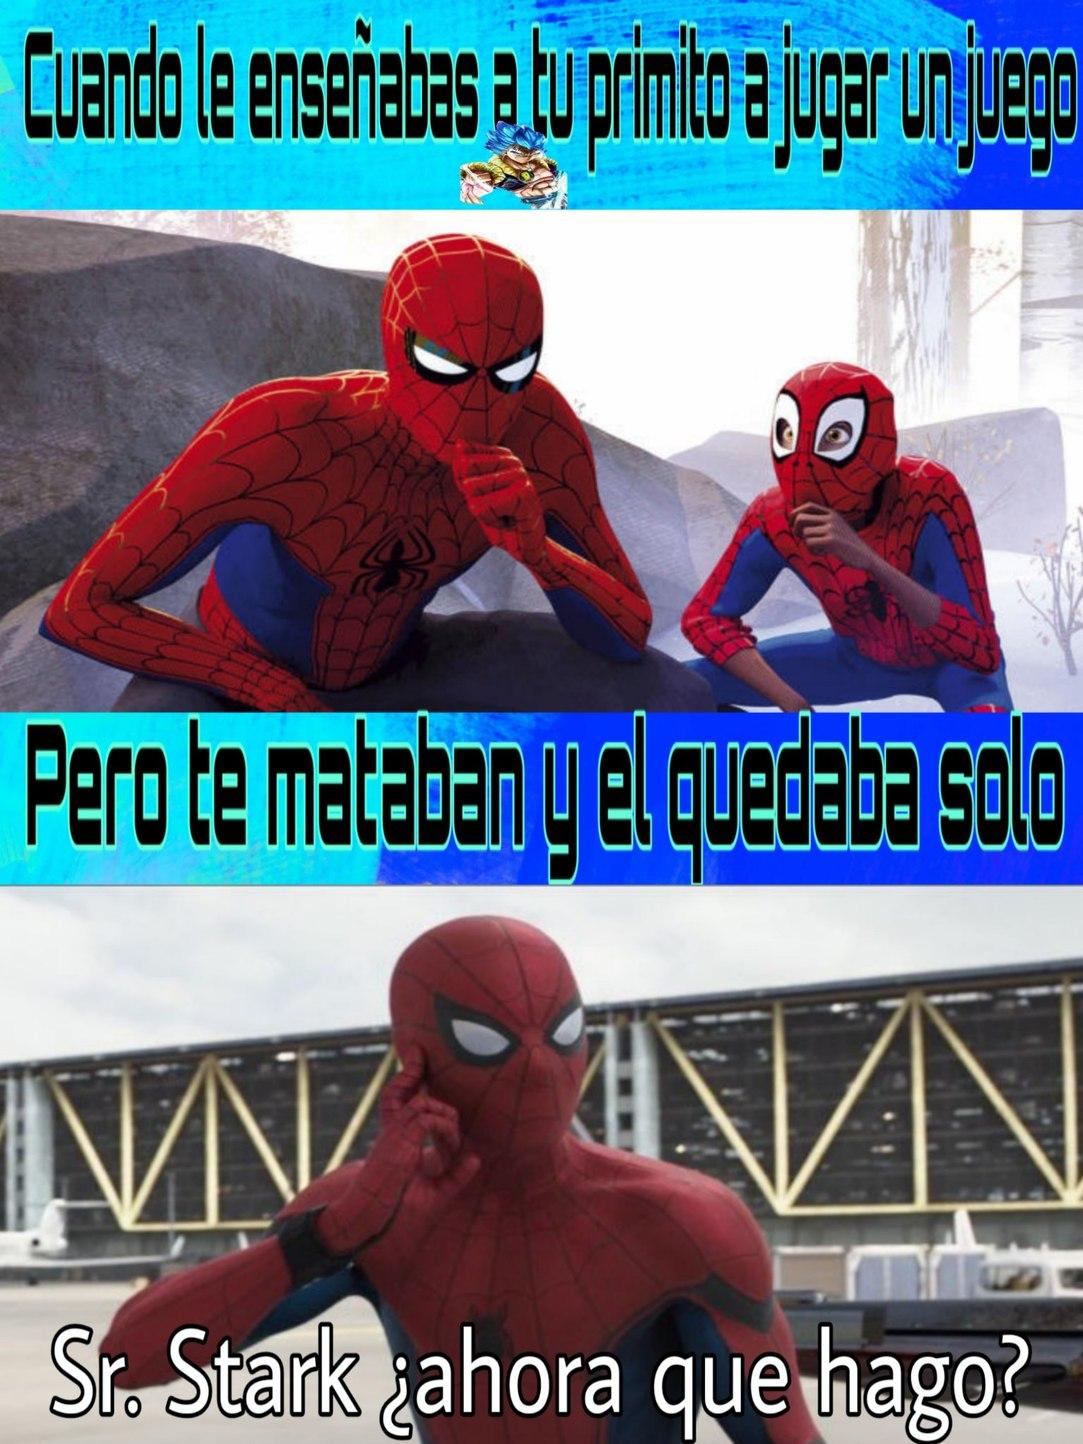 Sr. Stark ¿Ahora que hago? - meme